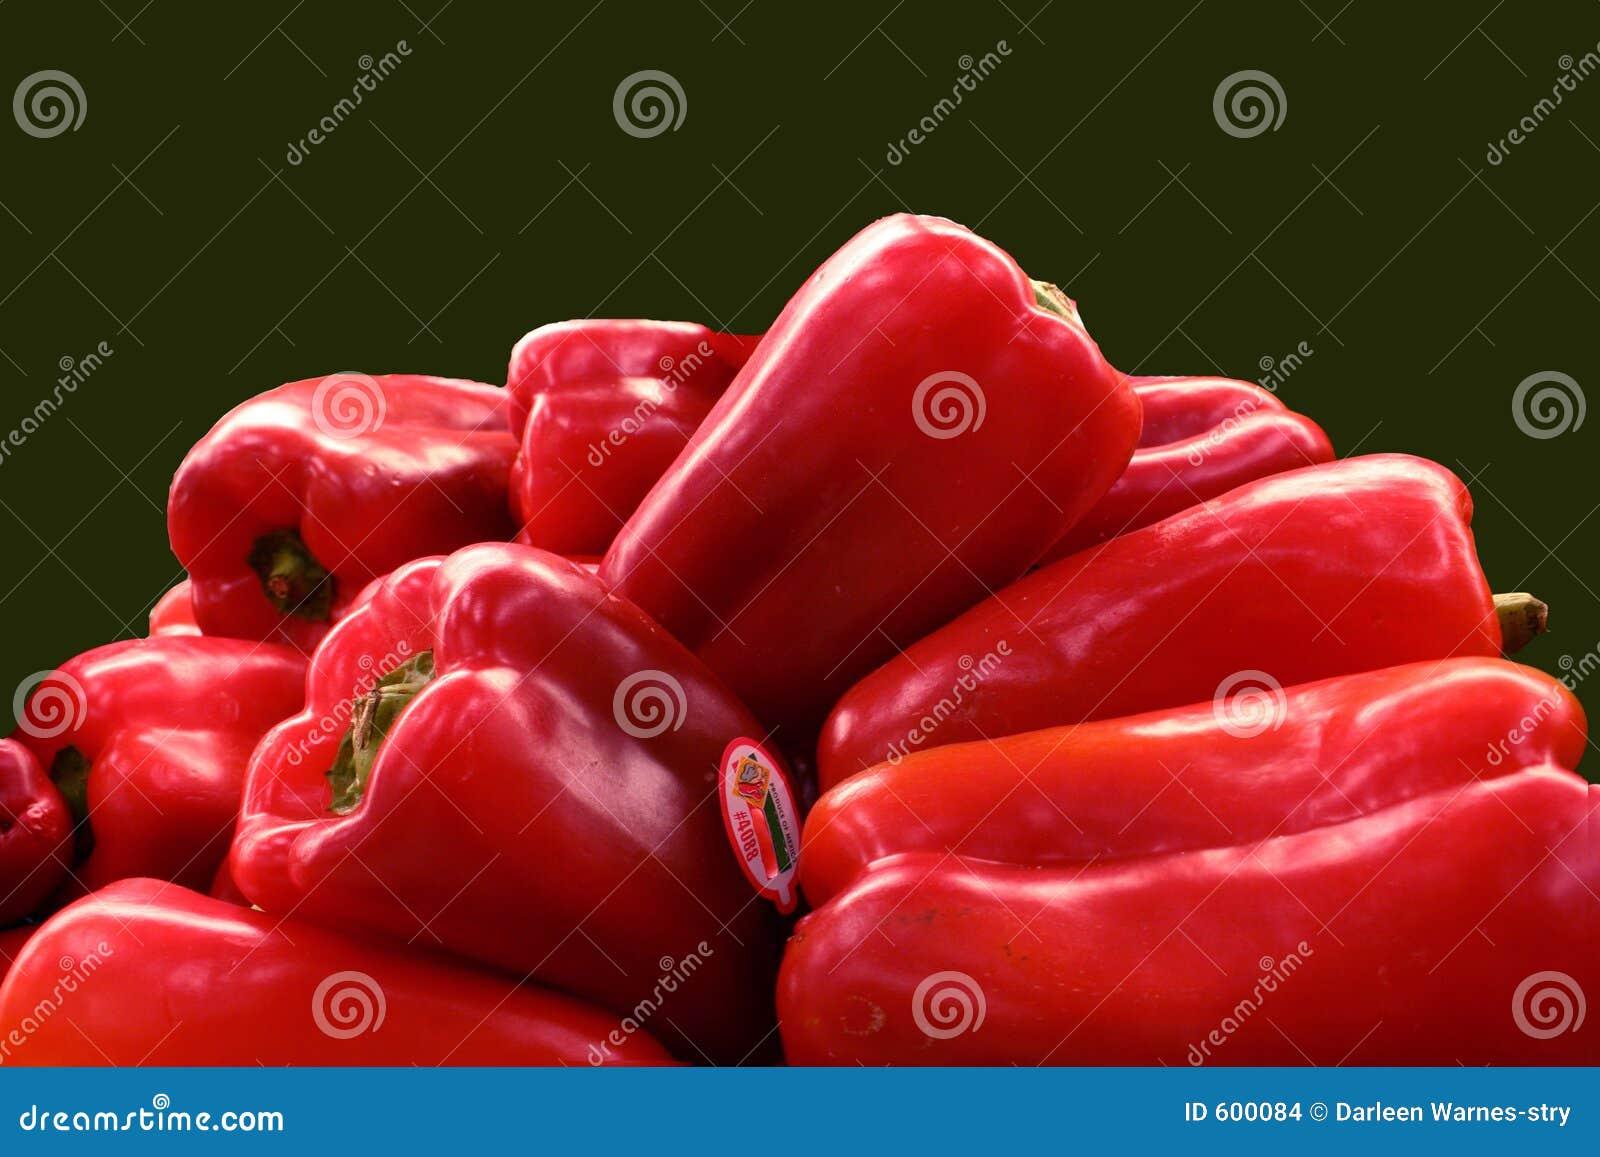 De Stapel van de Spaanse peper